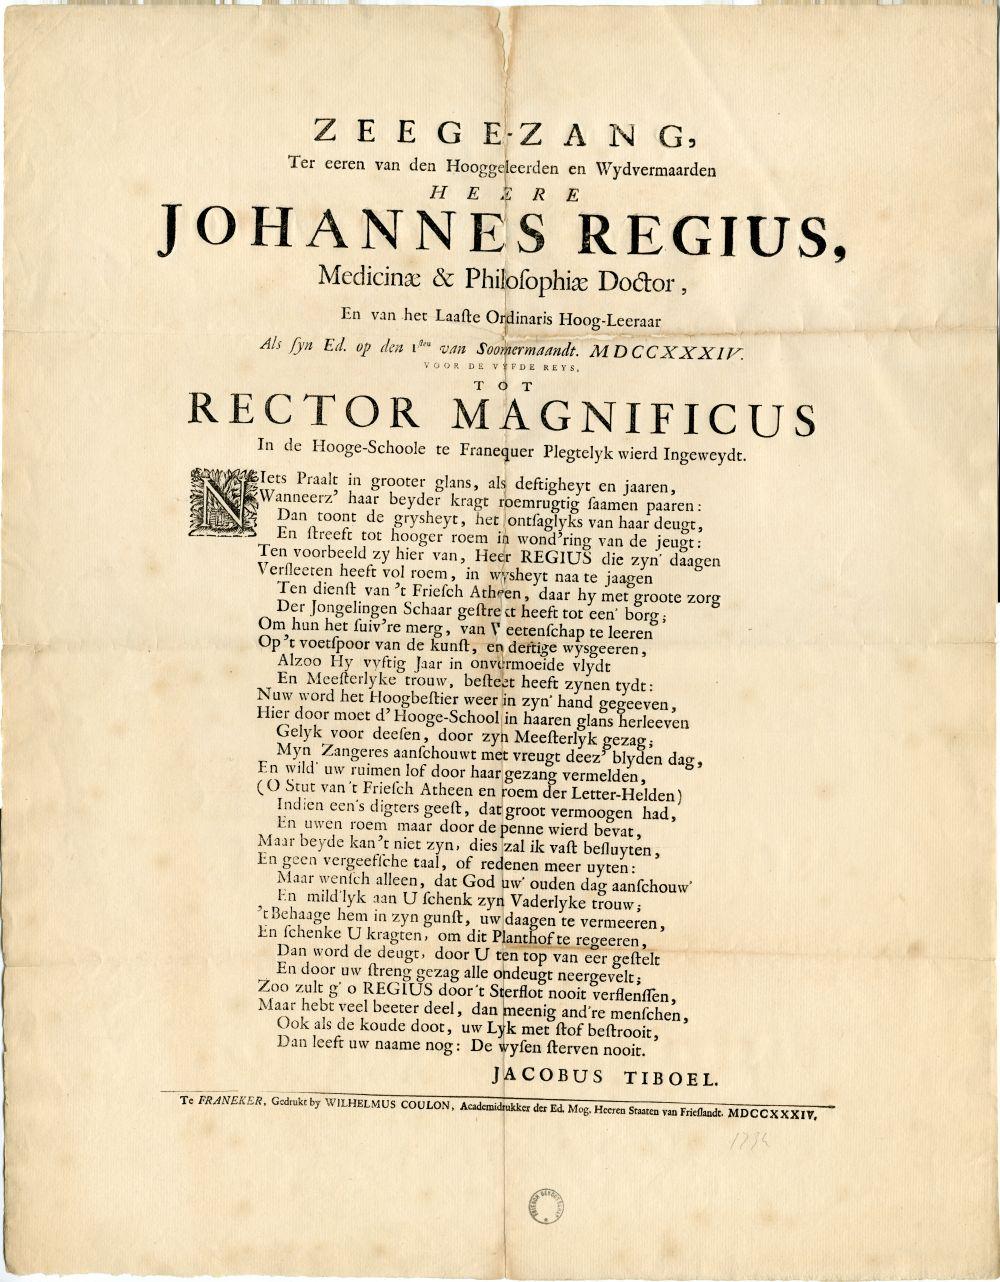 Zegezang voor Johannes Regius